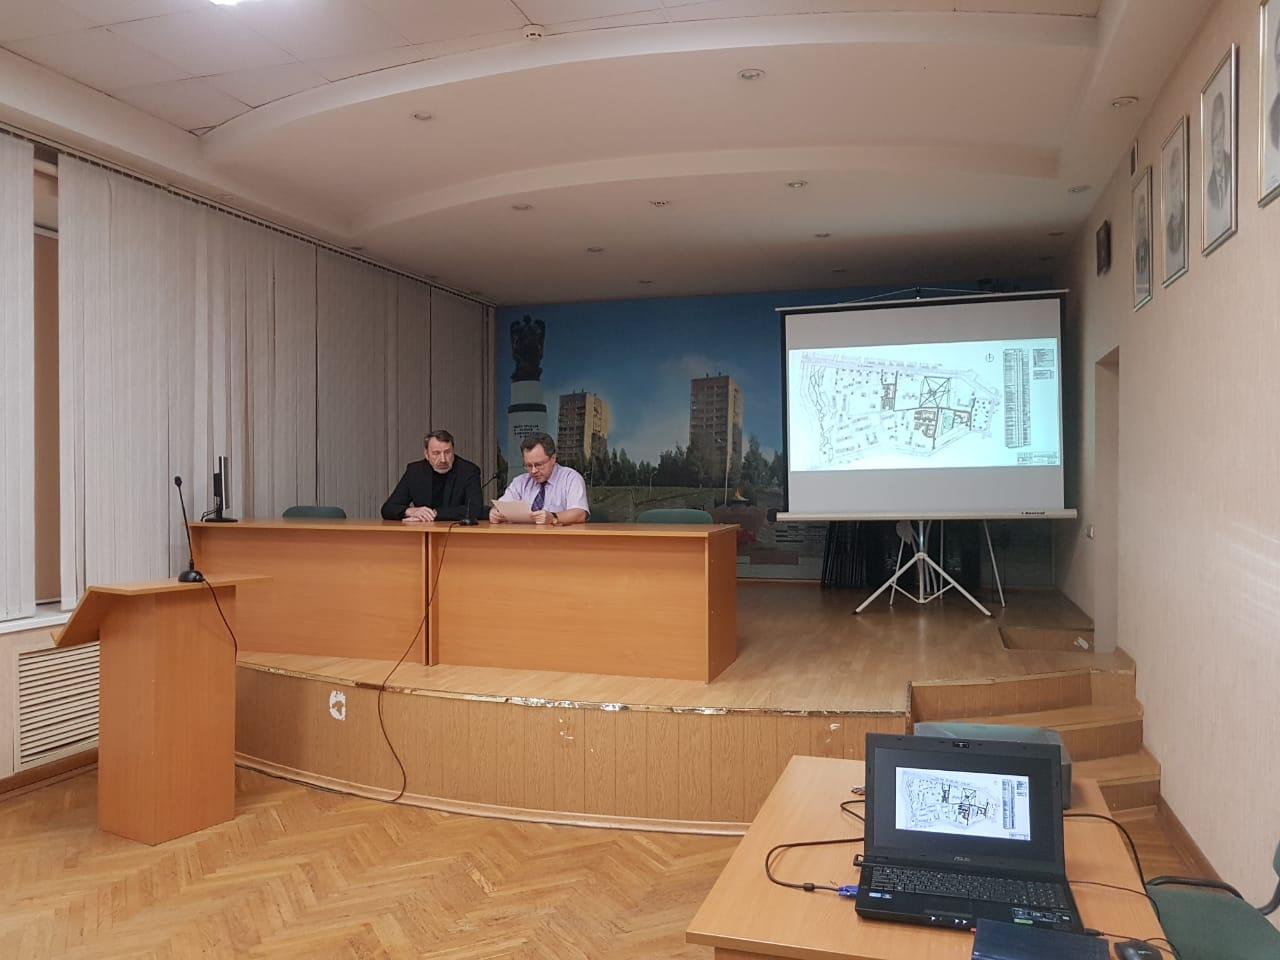 После обращения 500 нижегородцев к губернатору решили не застраивать зеленую зону в Приокском районе